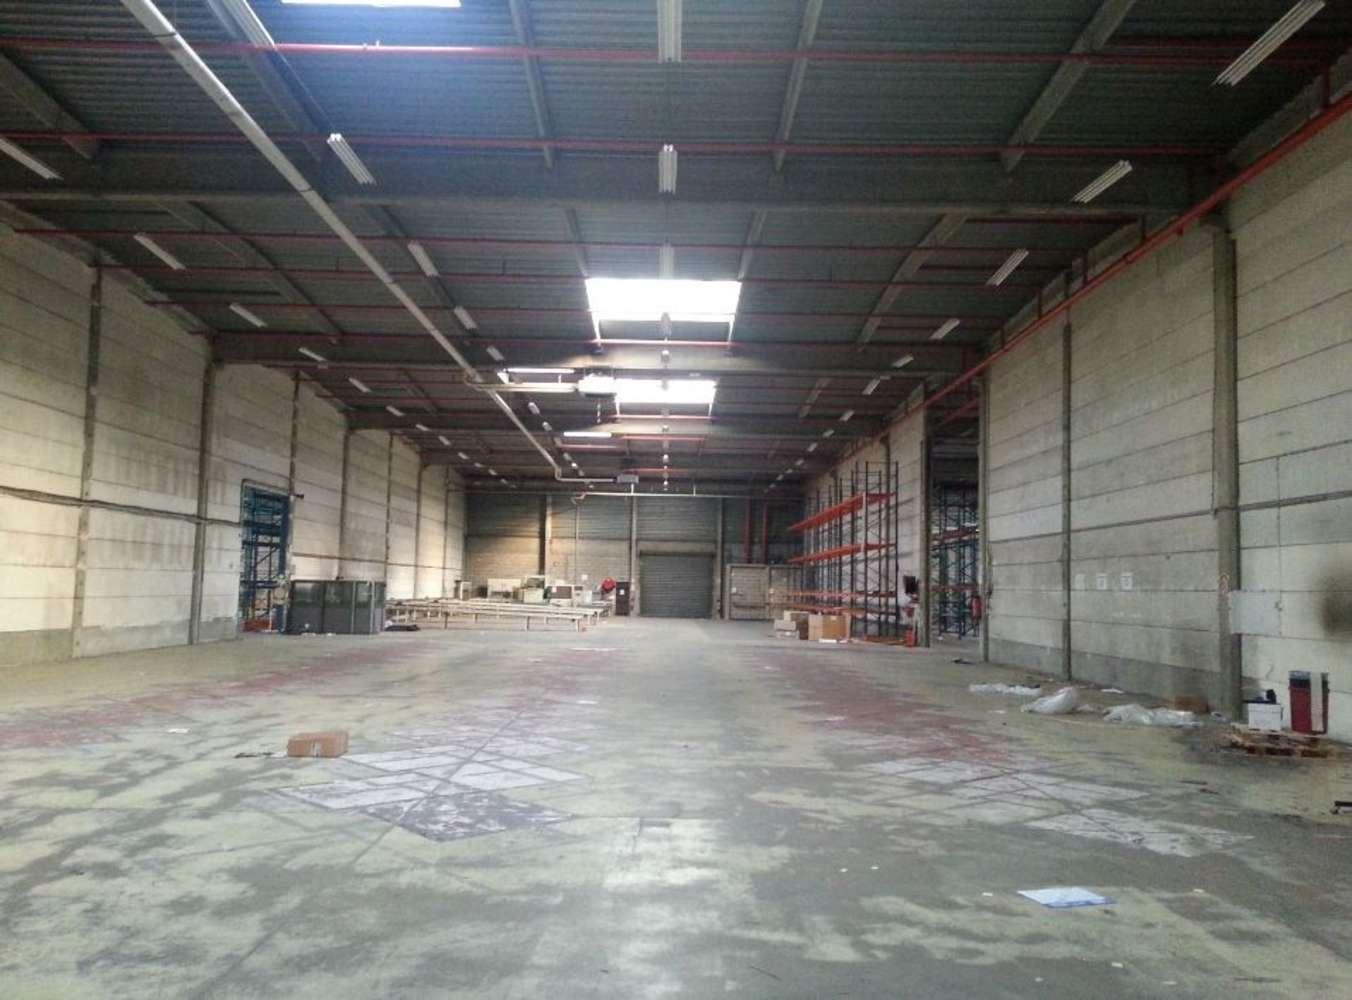 Activités/entrepôt Rosny sous bois, 93110 - ZAC DE LA GARENNE - 9449290